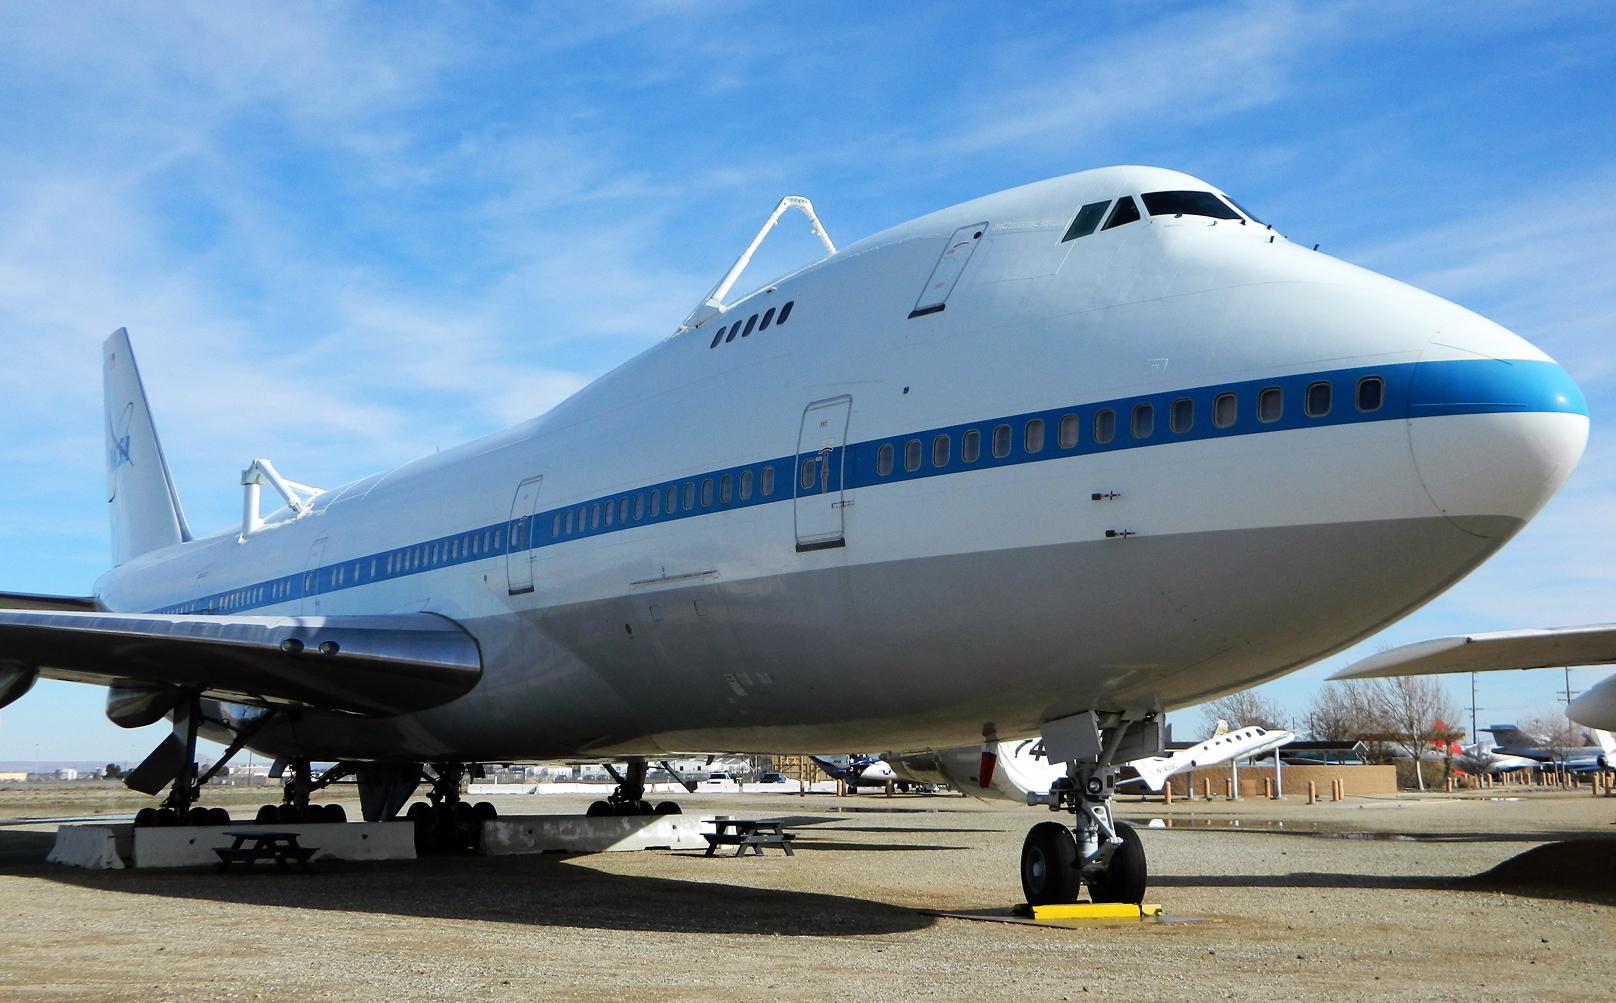 nasa 747